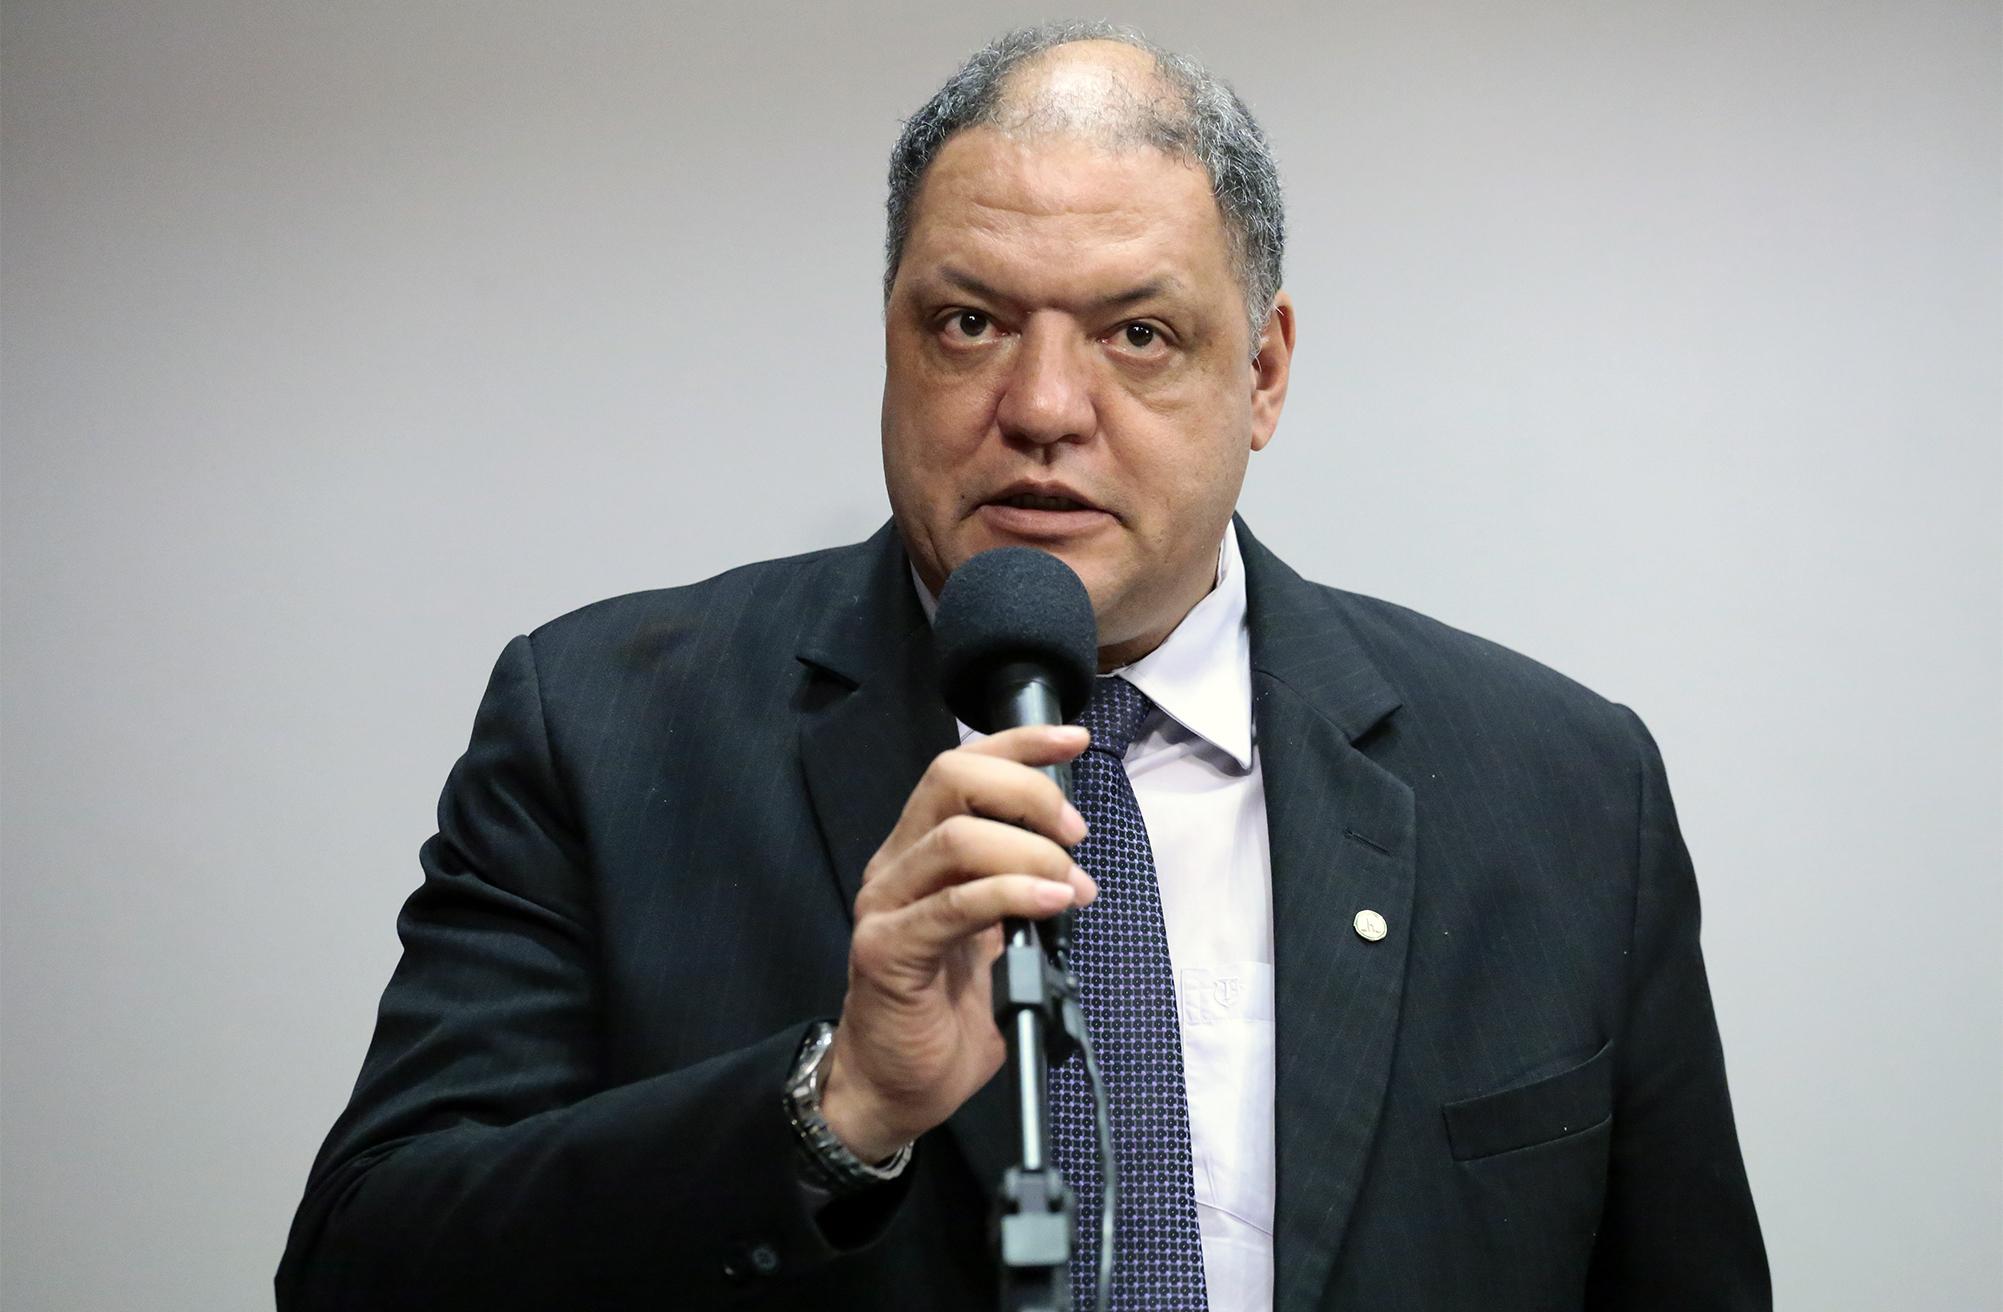 Ato de Lançamento da Campanha pela Redução de Desigualdade Social no Brasil. Dep. Assis Melo (PCdoB - RS)